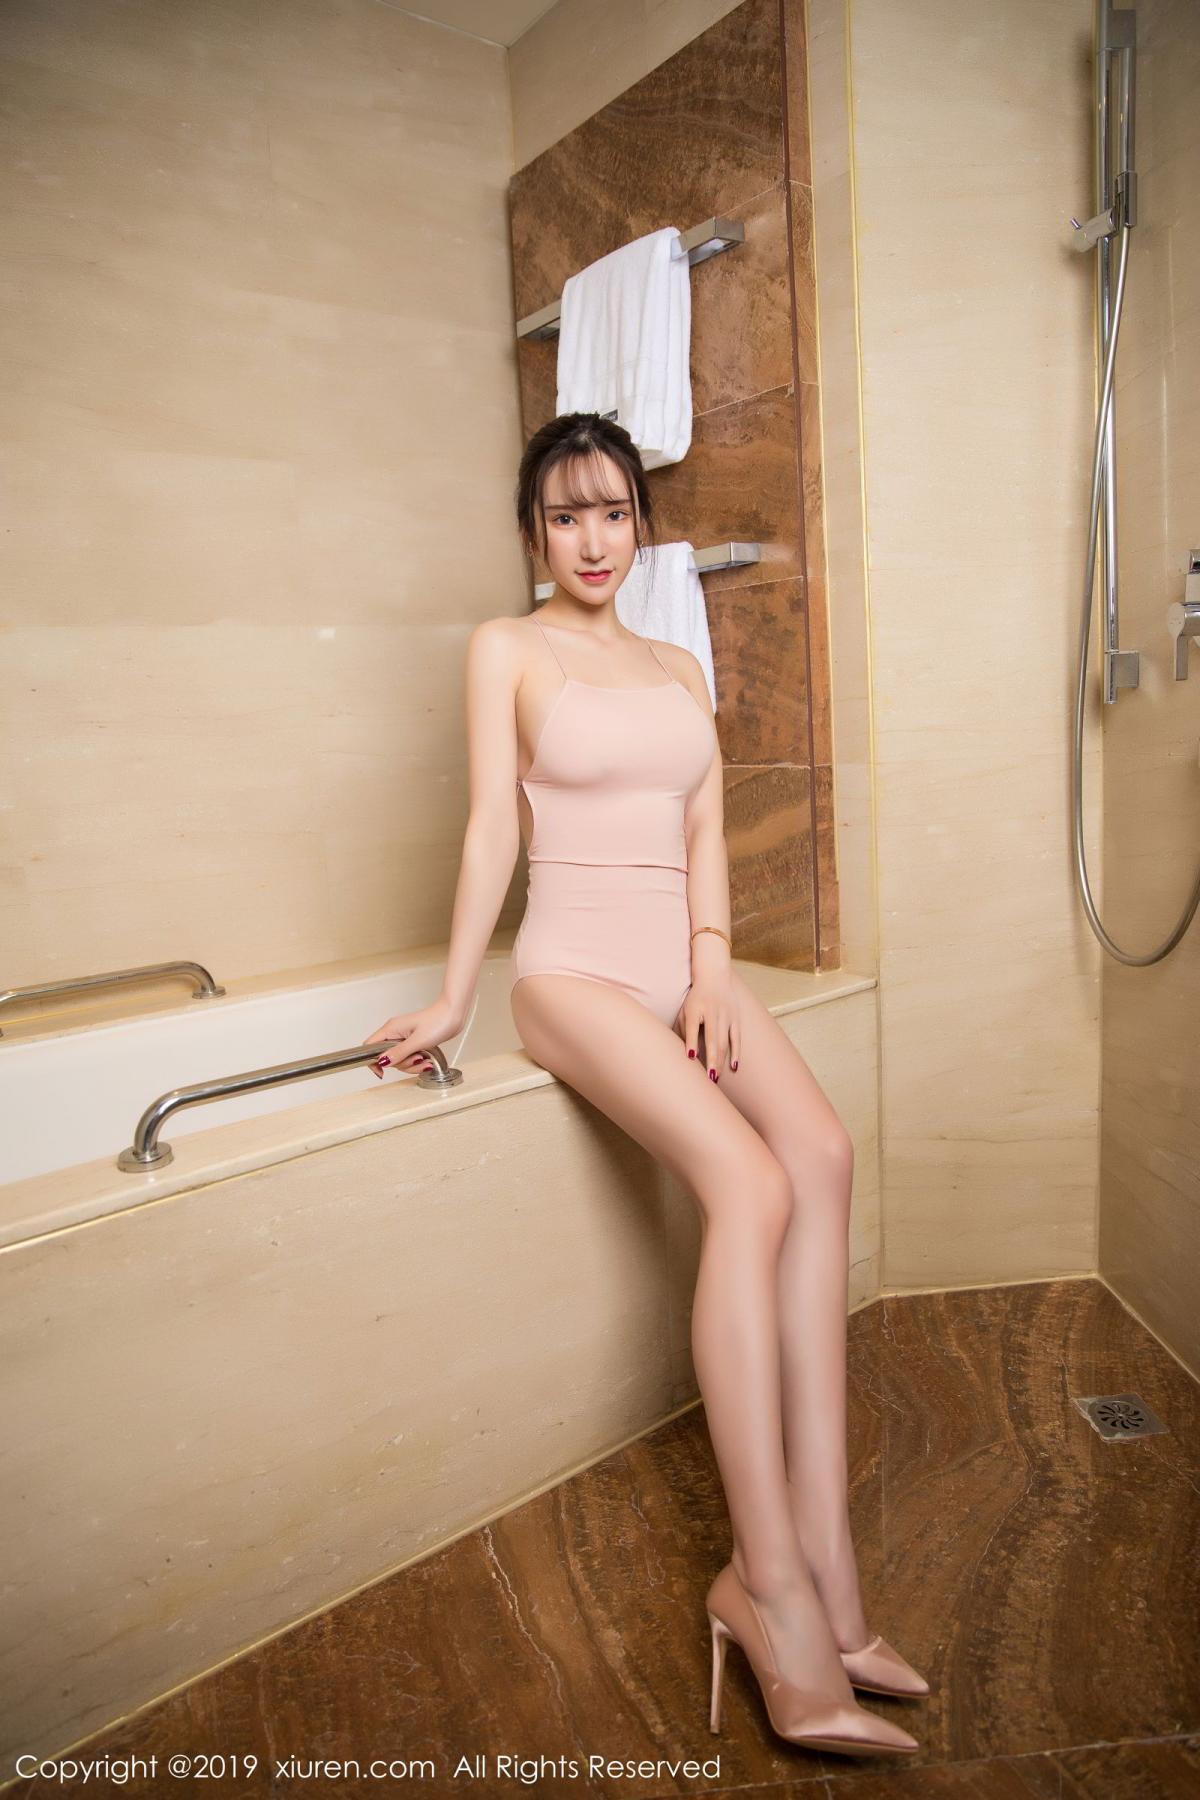 [XiuRen] Vol.1496 Zhou Yu Xi 6P, Bathroom, Xiuren, Zhou Yu Xi